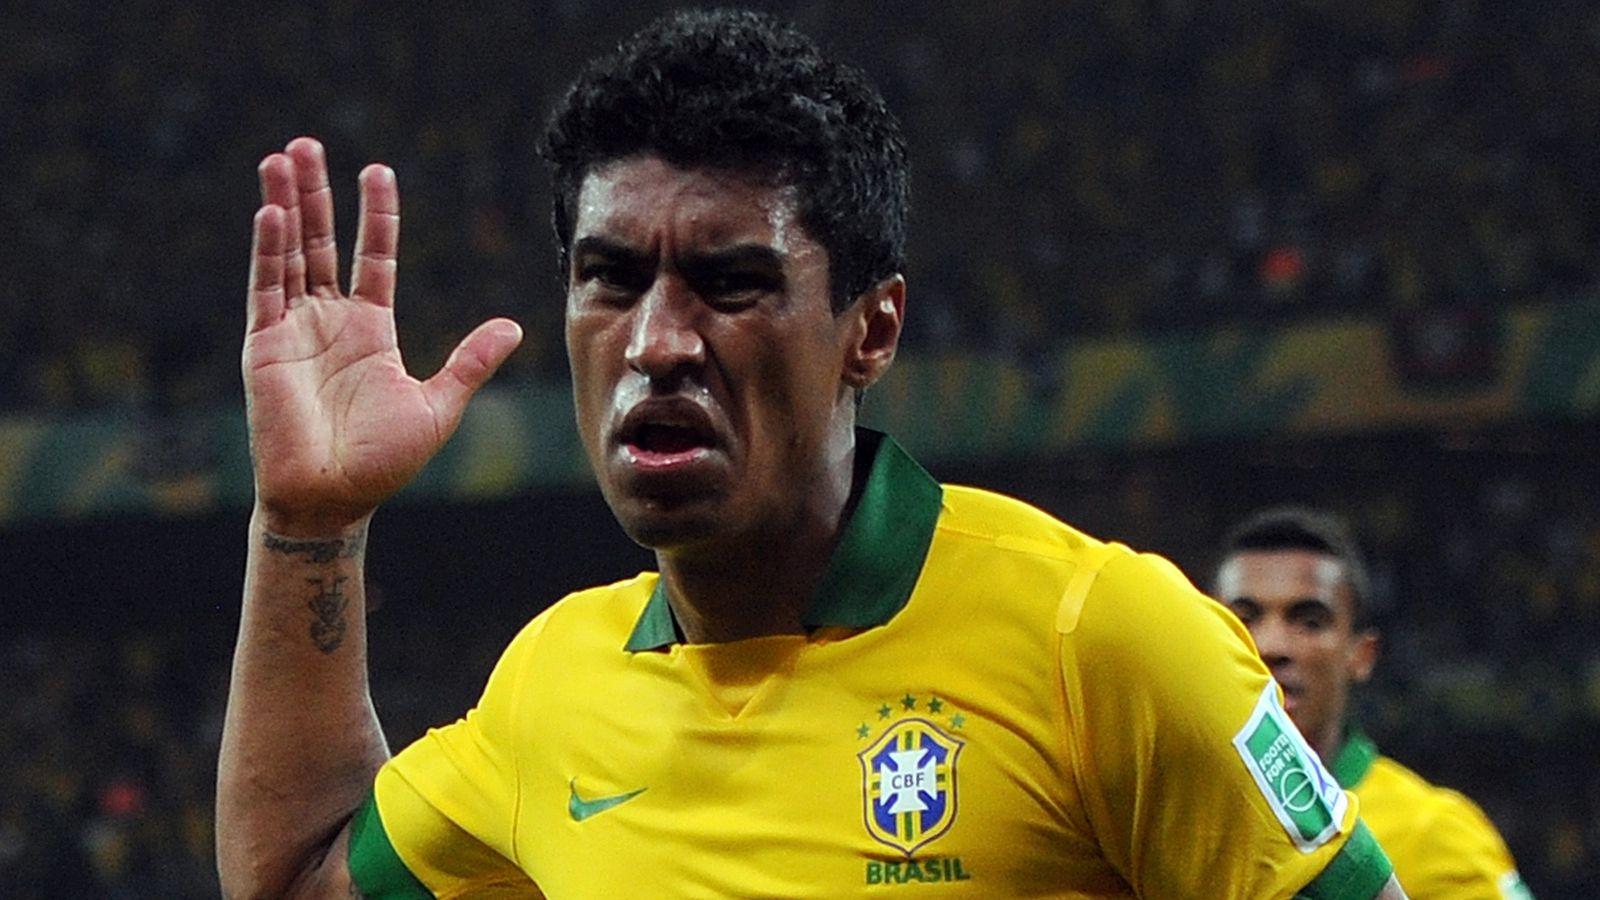 Paulinho set to join Spurs